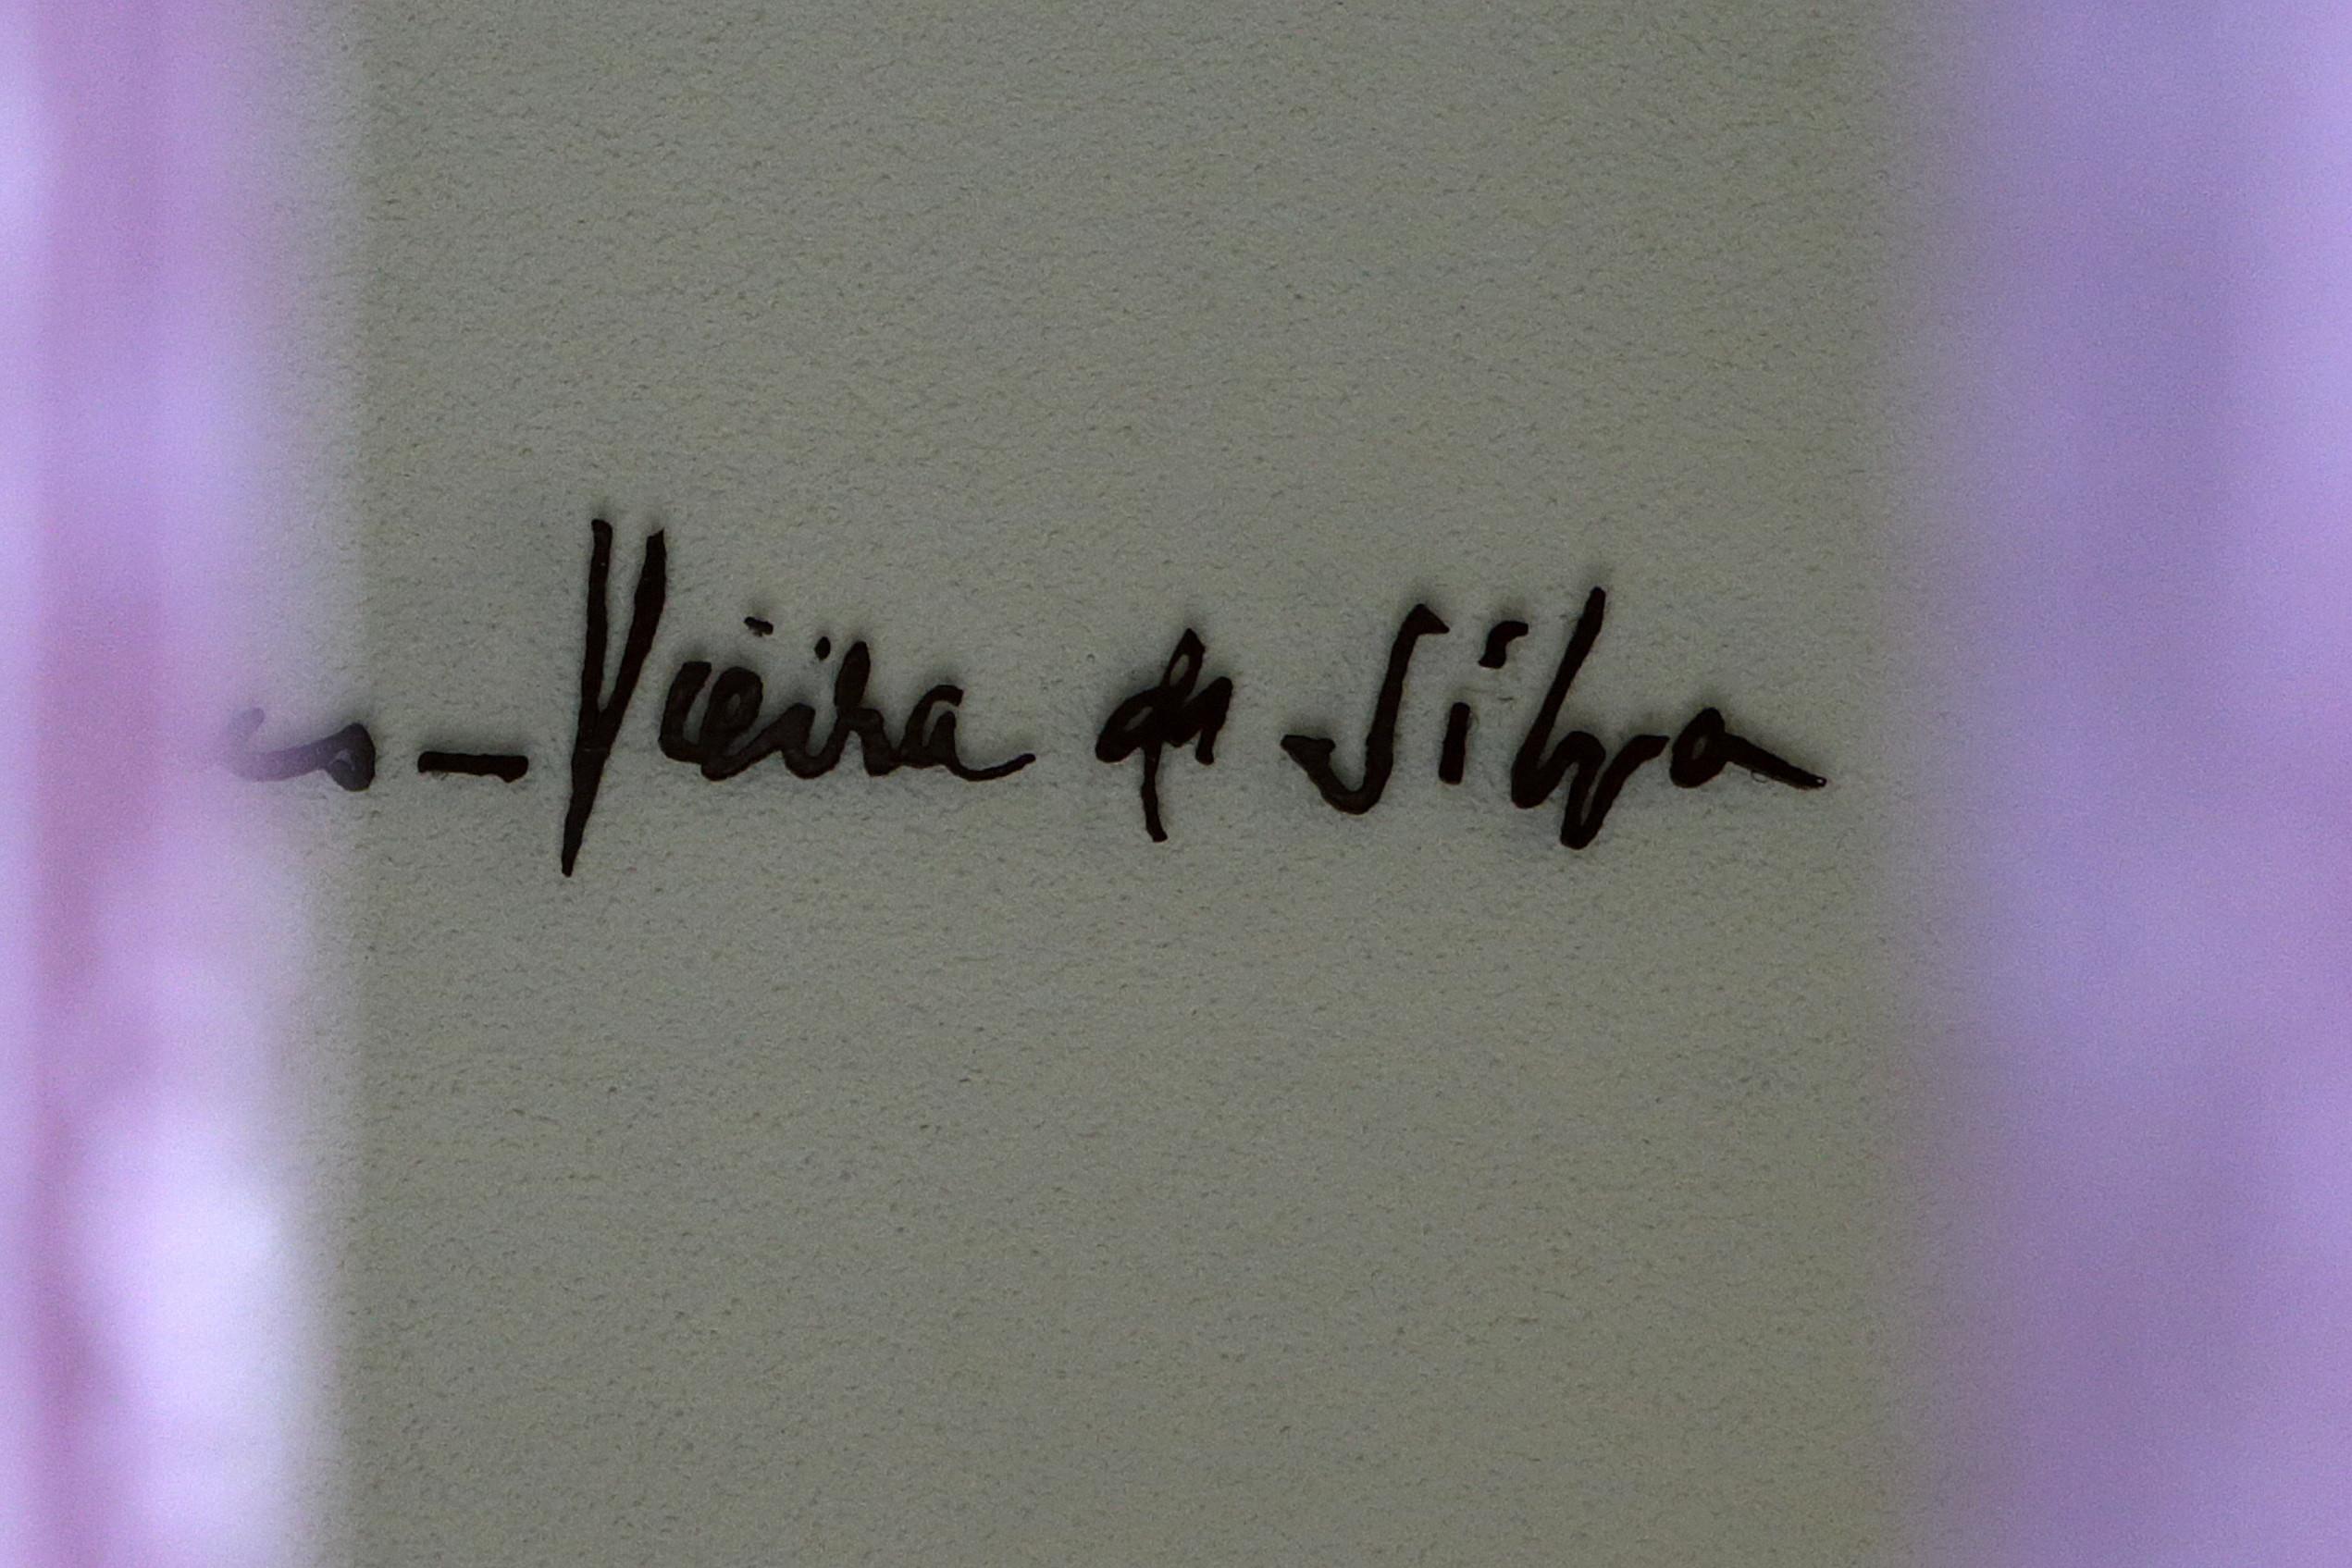 Museu Vieira da Silva inaugura exposição e celebra 25 anos